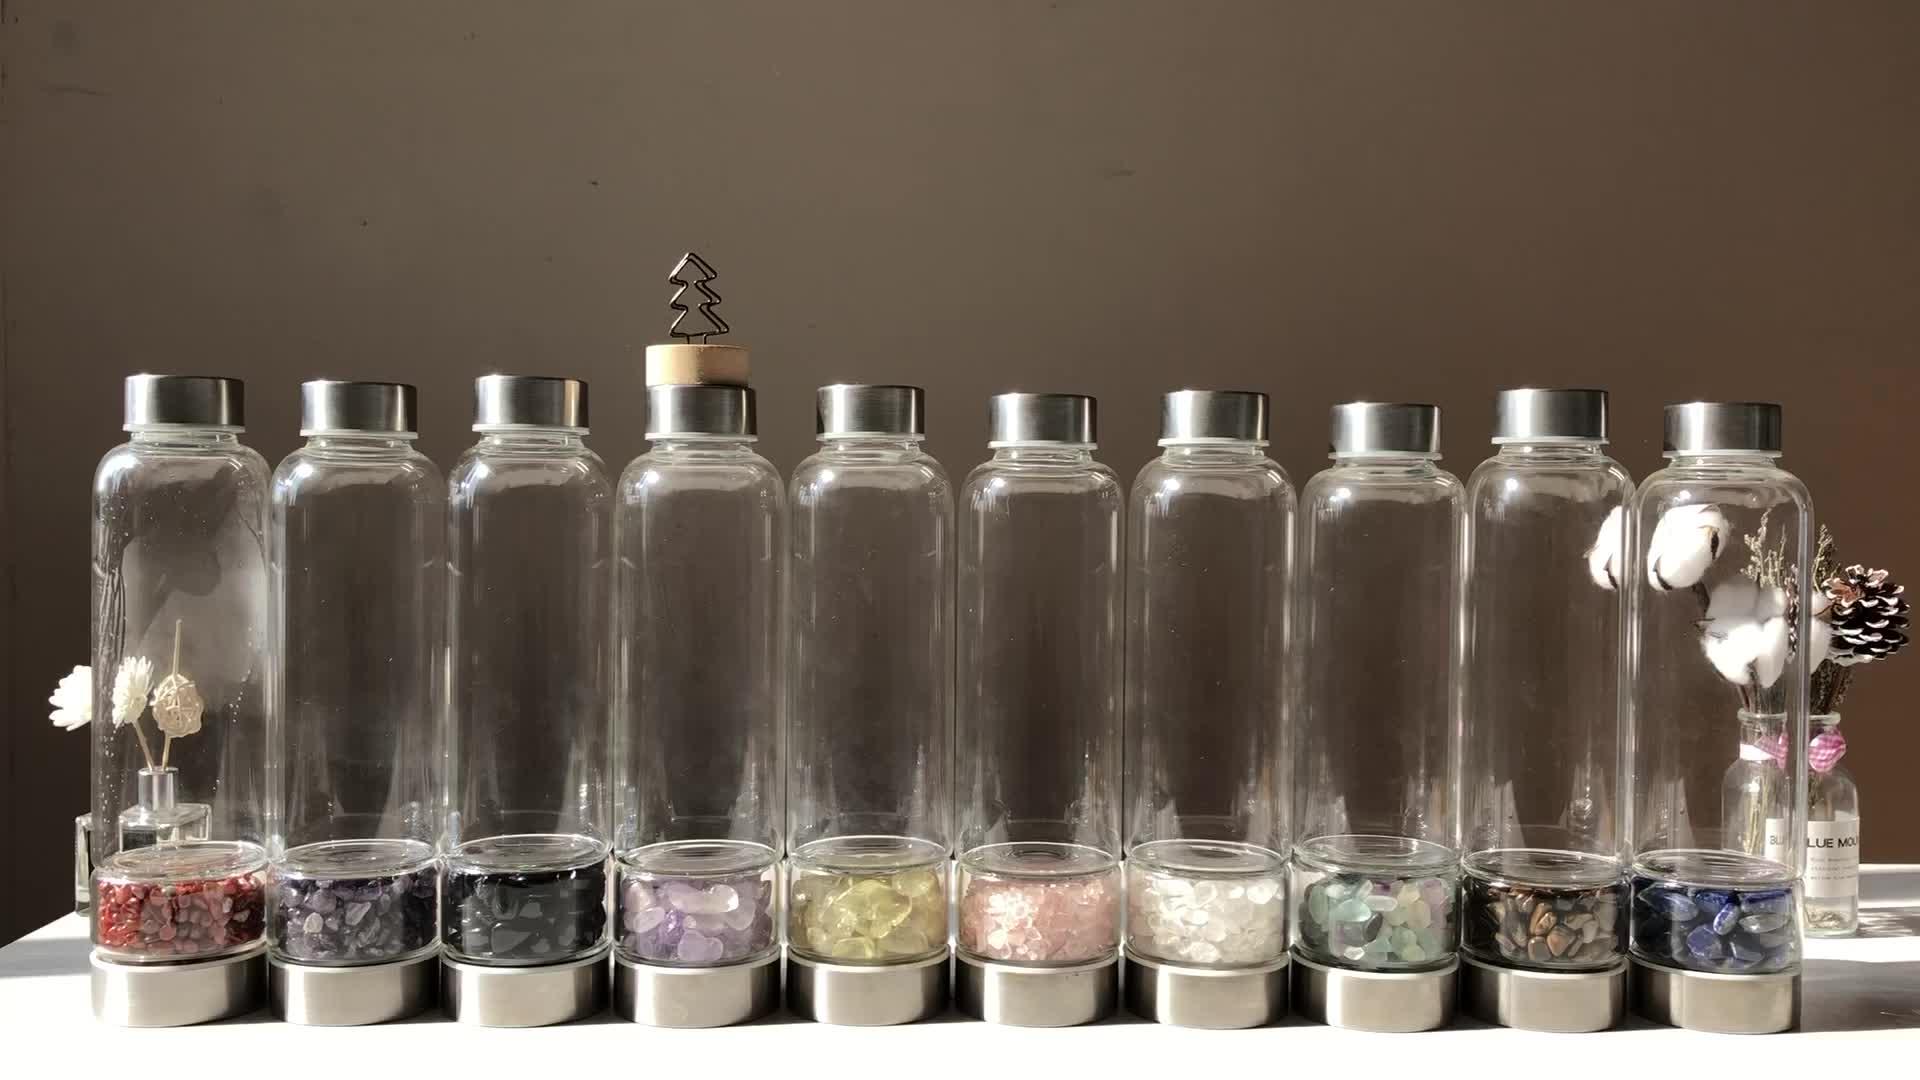 Новые продукты 2019 натуральный кварцевый стекло бутылка для воды с декоративным драгоценным камнем и крышкой из нержавеющей стали